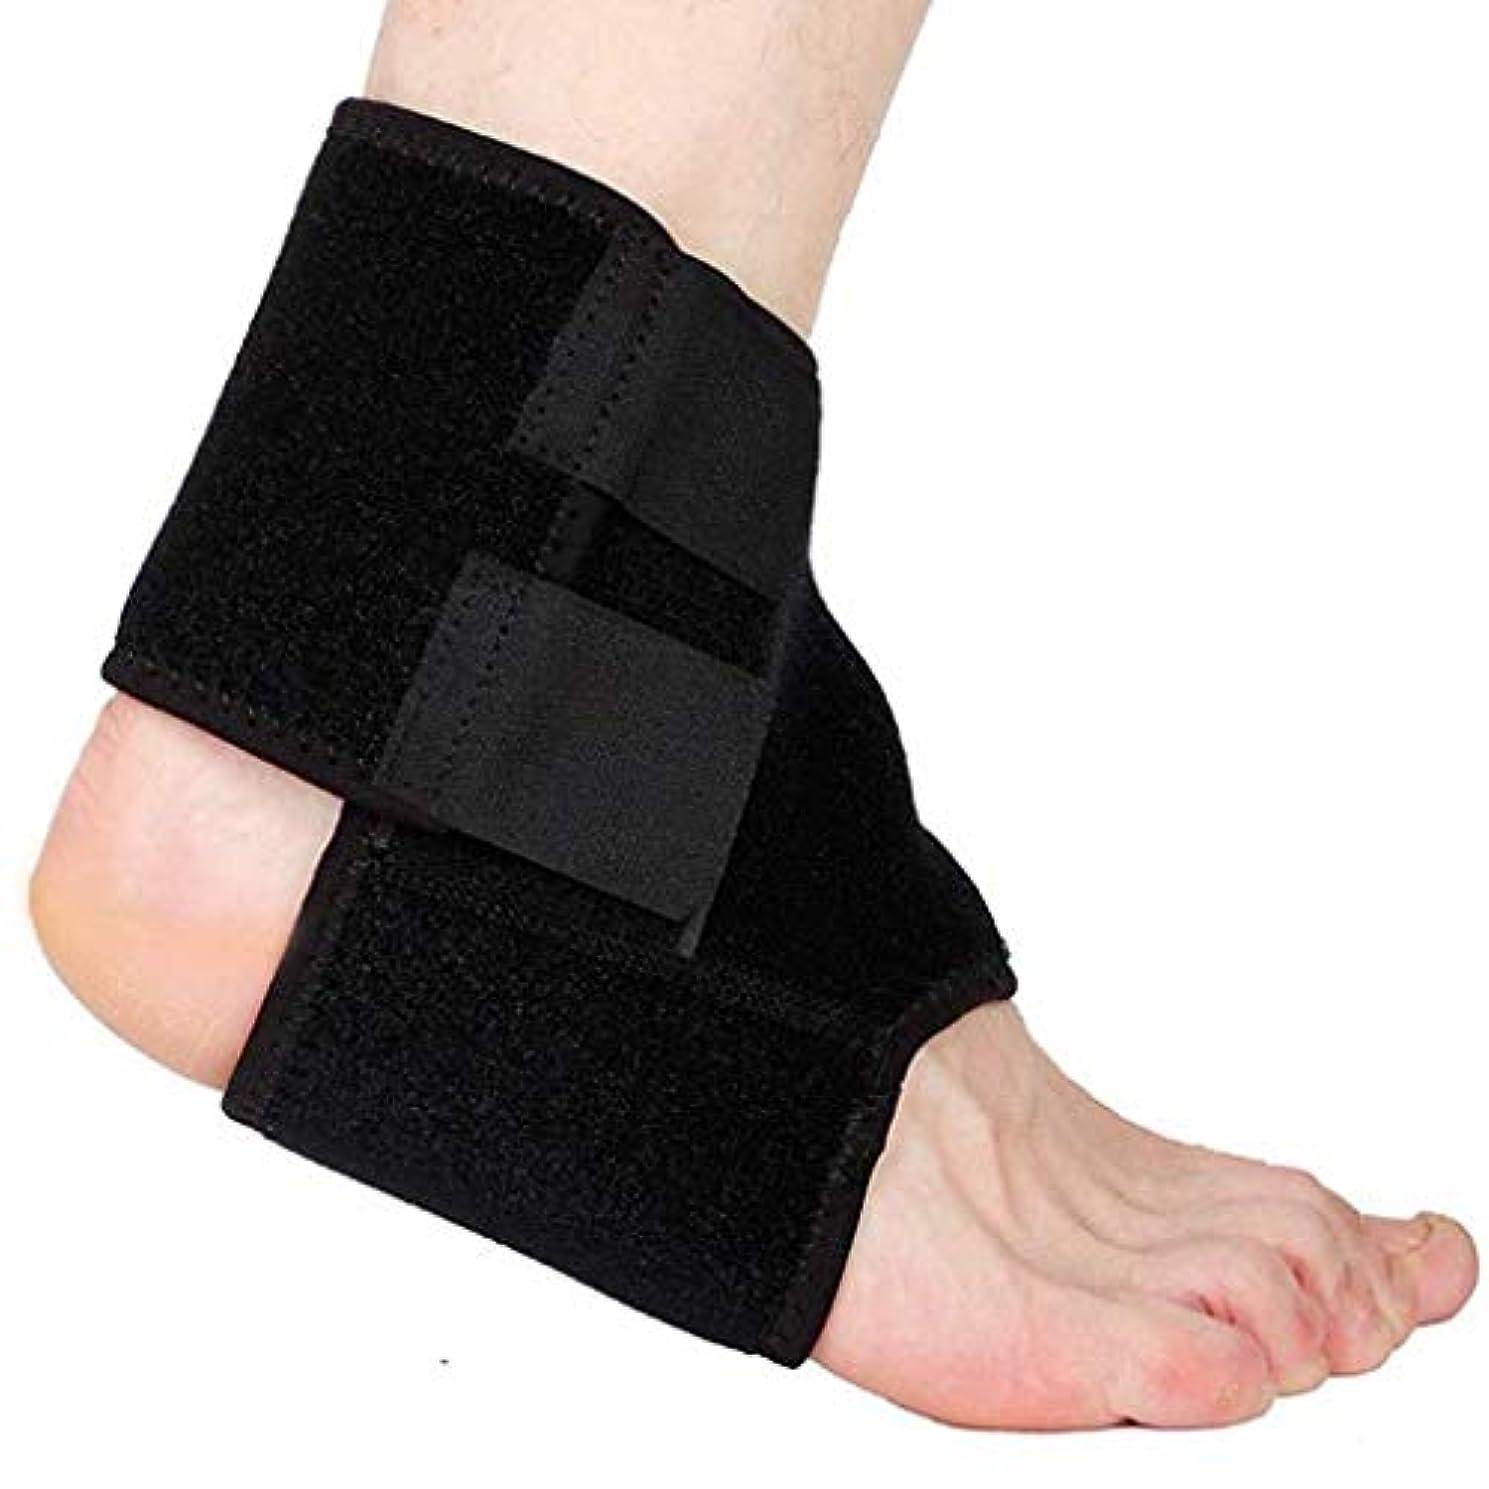 追う爬虫類傀儡足首のサポート、通気性と伸縮性のあるナイロン素材を使用した1組の足首固定具、快適な足首ラップスポーツが慢性的な足首の捻Sp疲労を防ぎます